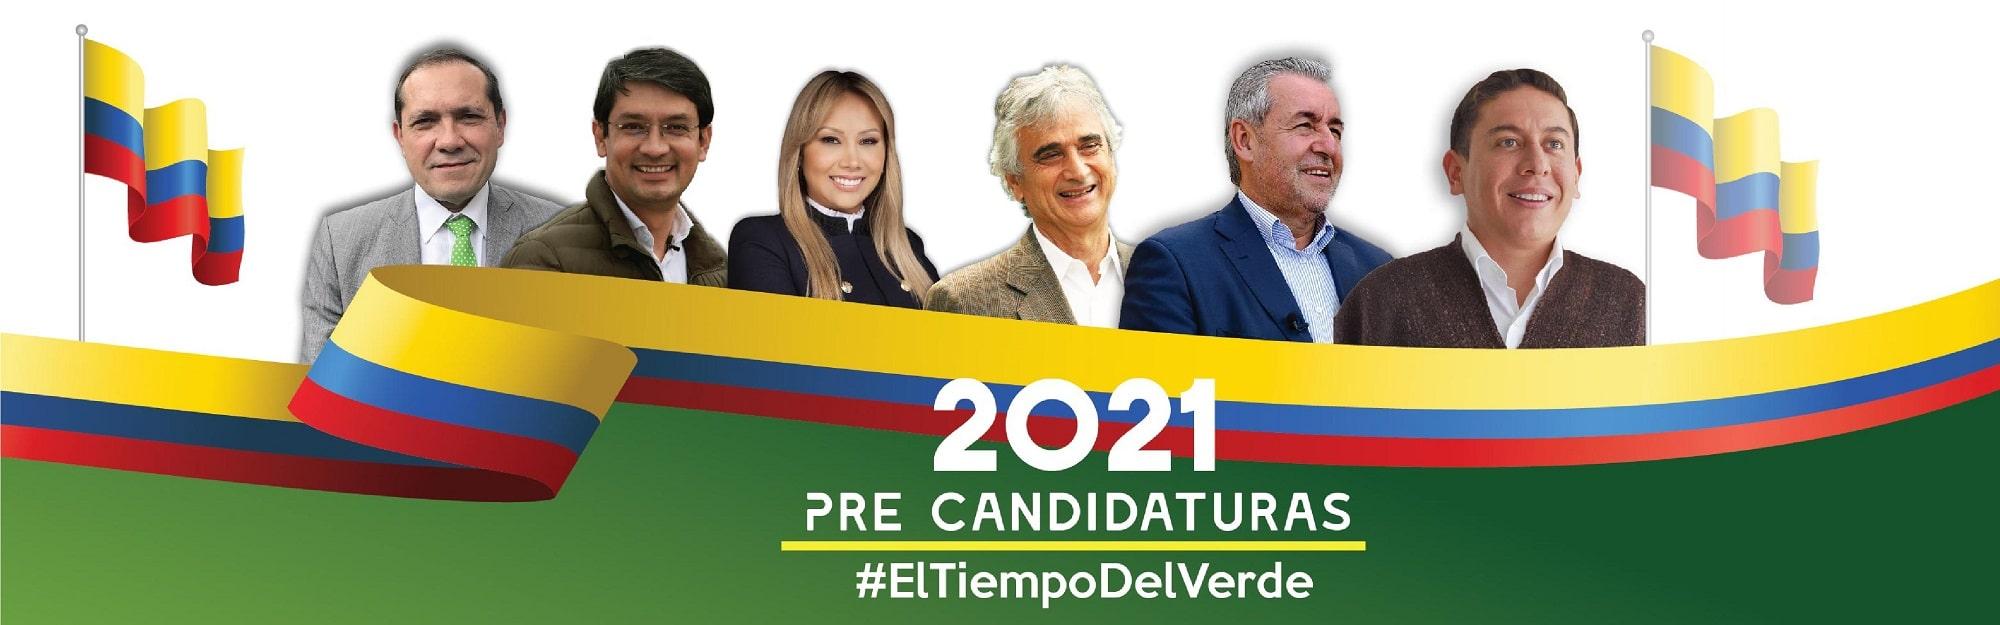 Precandidatos Presidenciales 2021